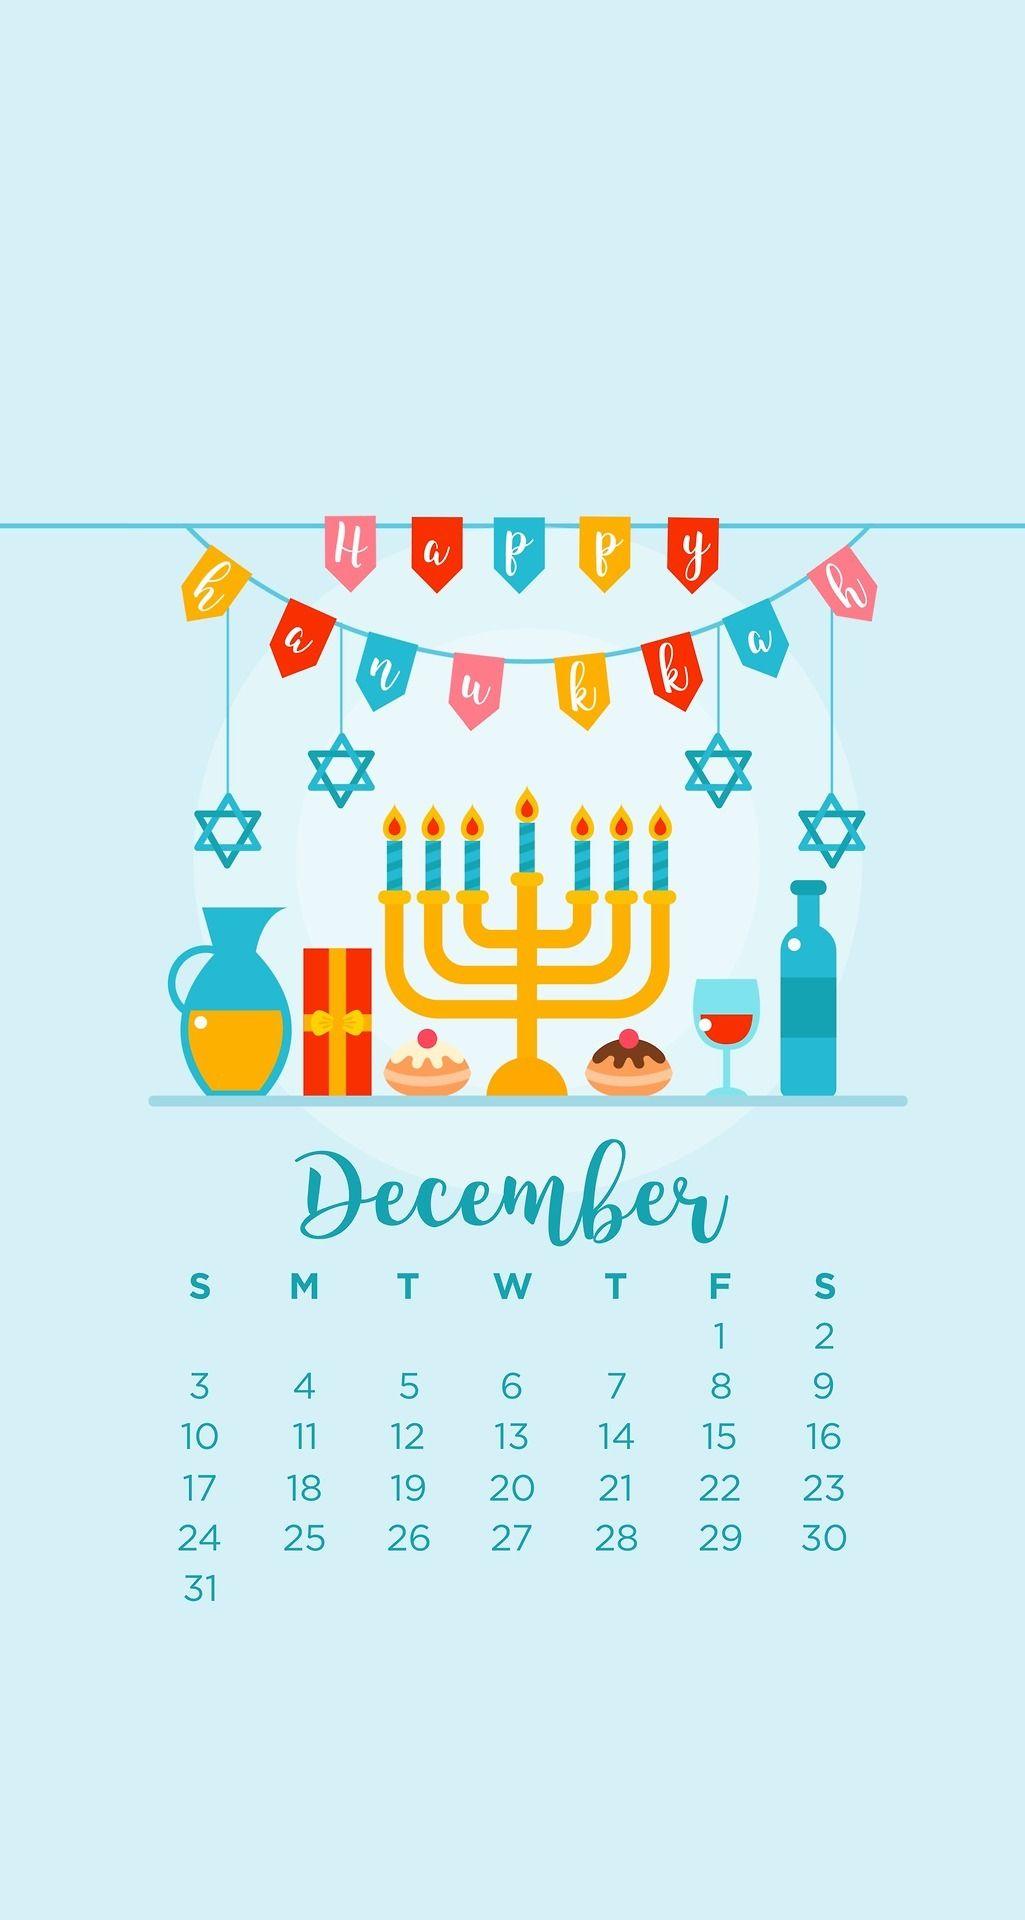 December Hanukkah Phone Wallpapers Phone Wallpaper Hanukkah Quote Hanukkah